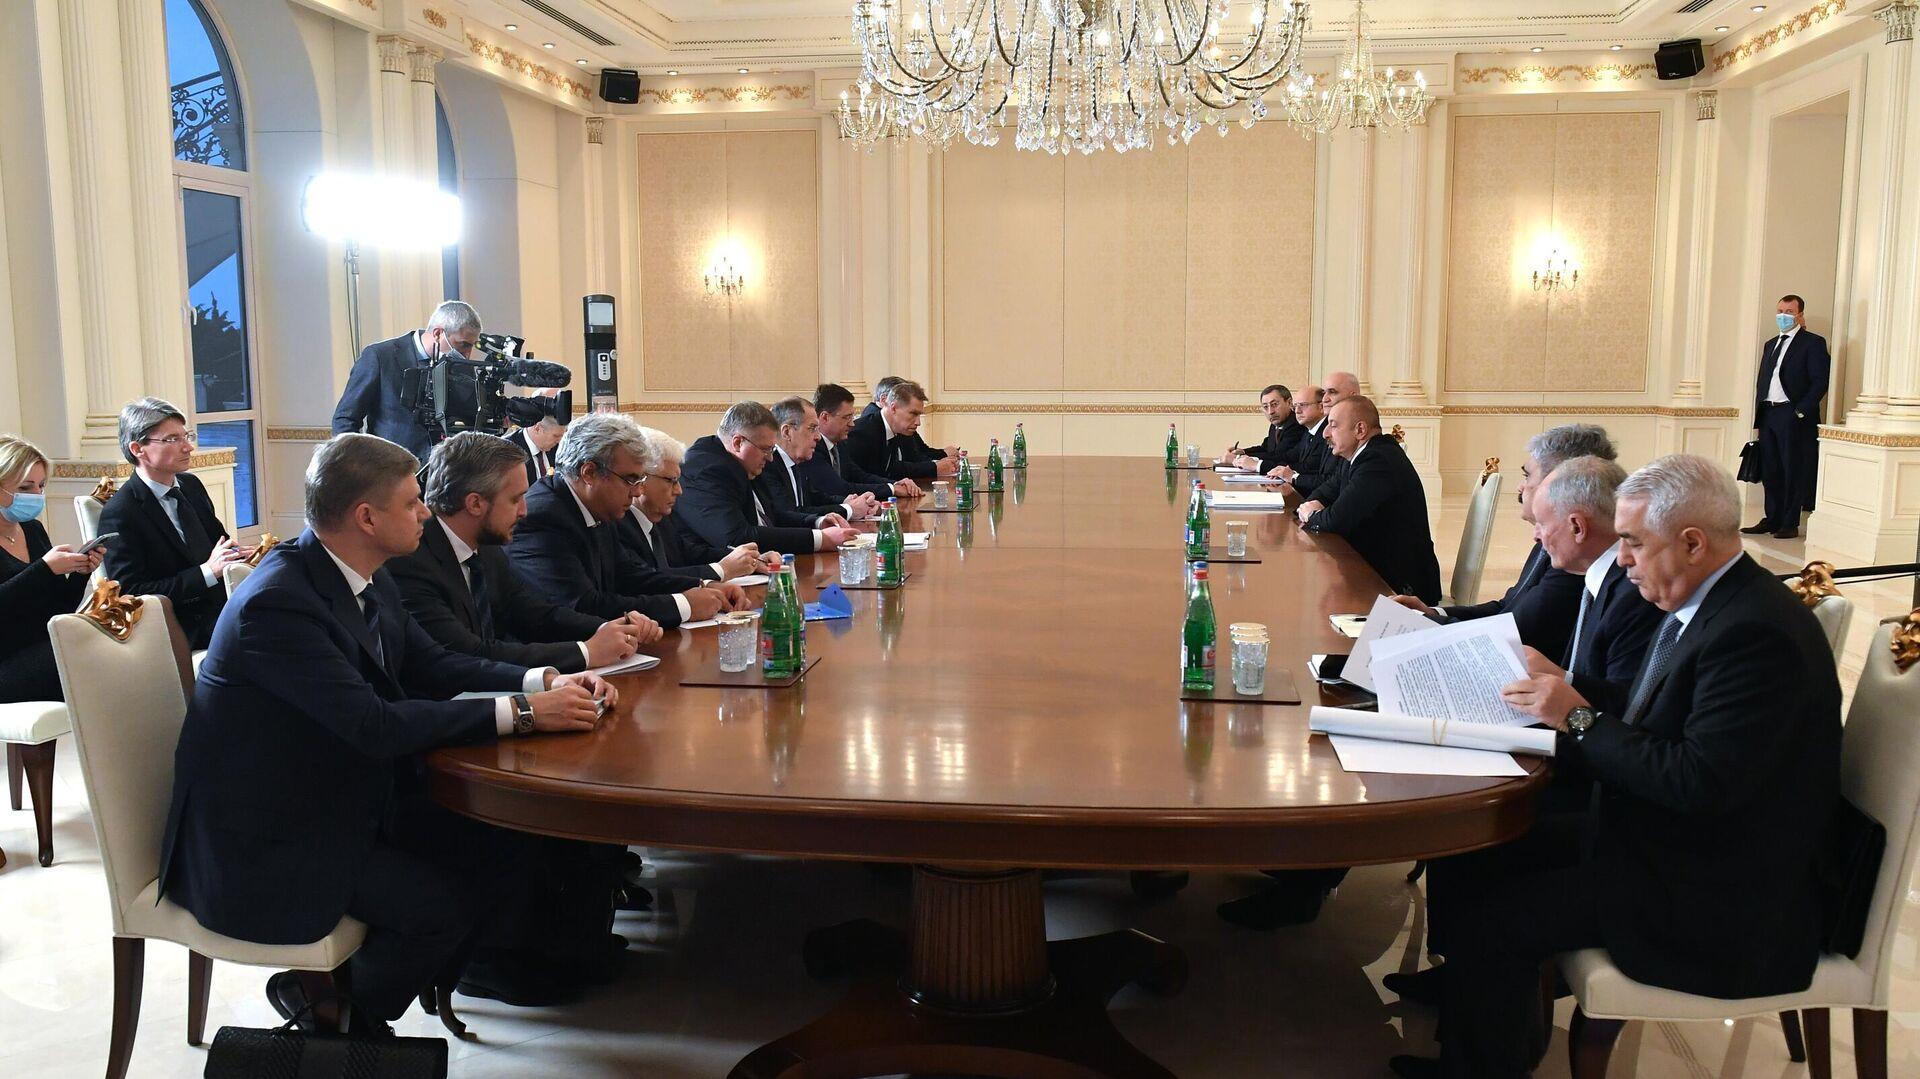 Российская межведомственная делегация во время встречи с президентом Азербайджана Ильхамом Алиевым в Баку - РИА Новости, 1920, 21.11.2020